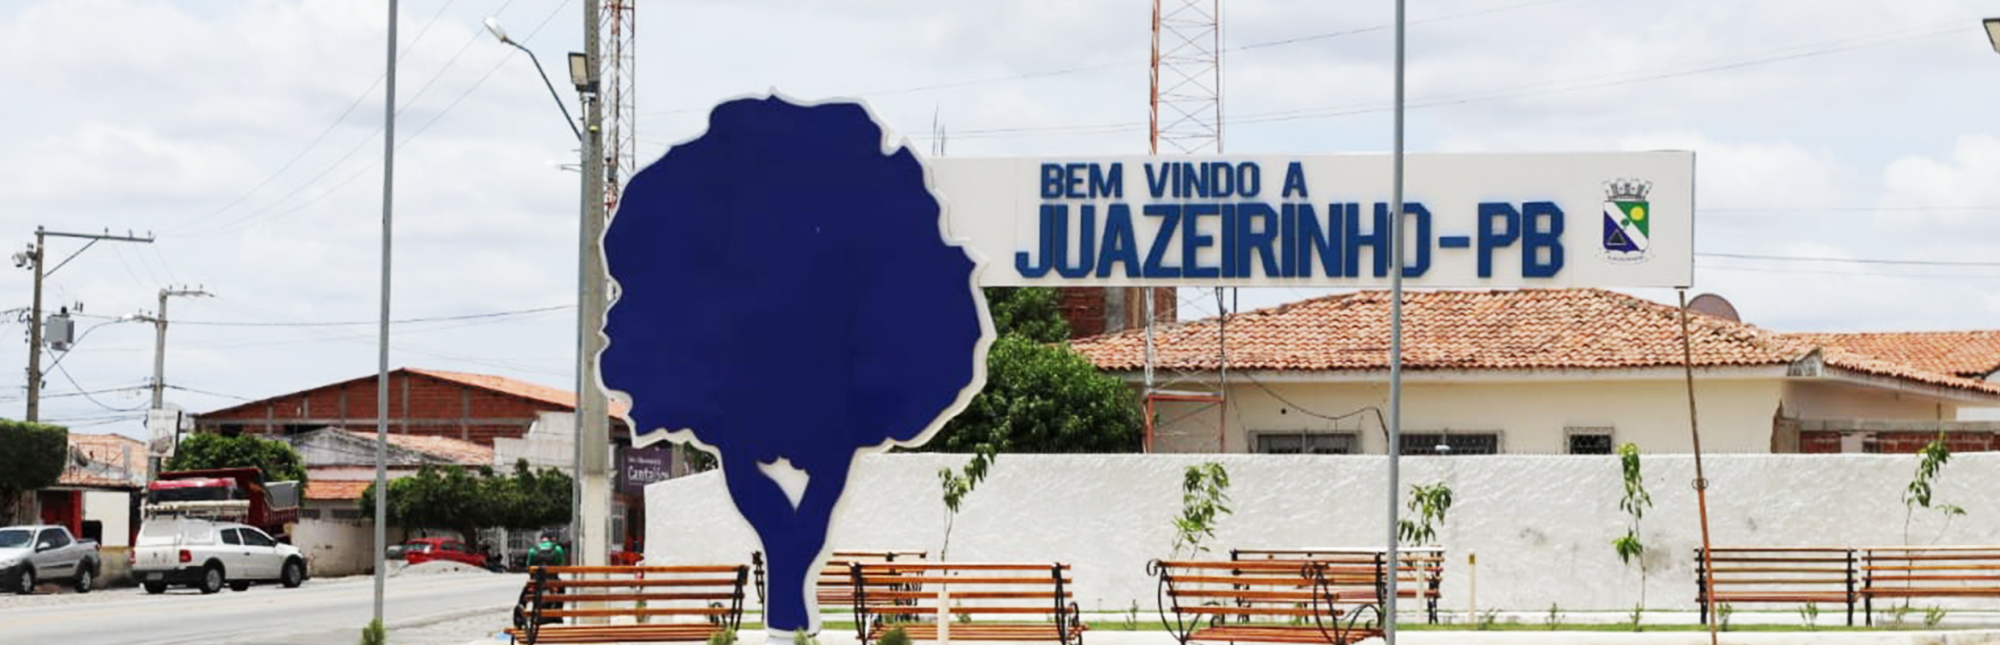 SECRETARIA MUNICIPAL DE INFRAESTRUTURA E URBANISMO